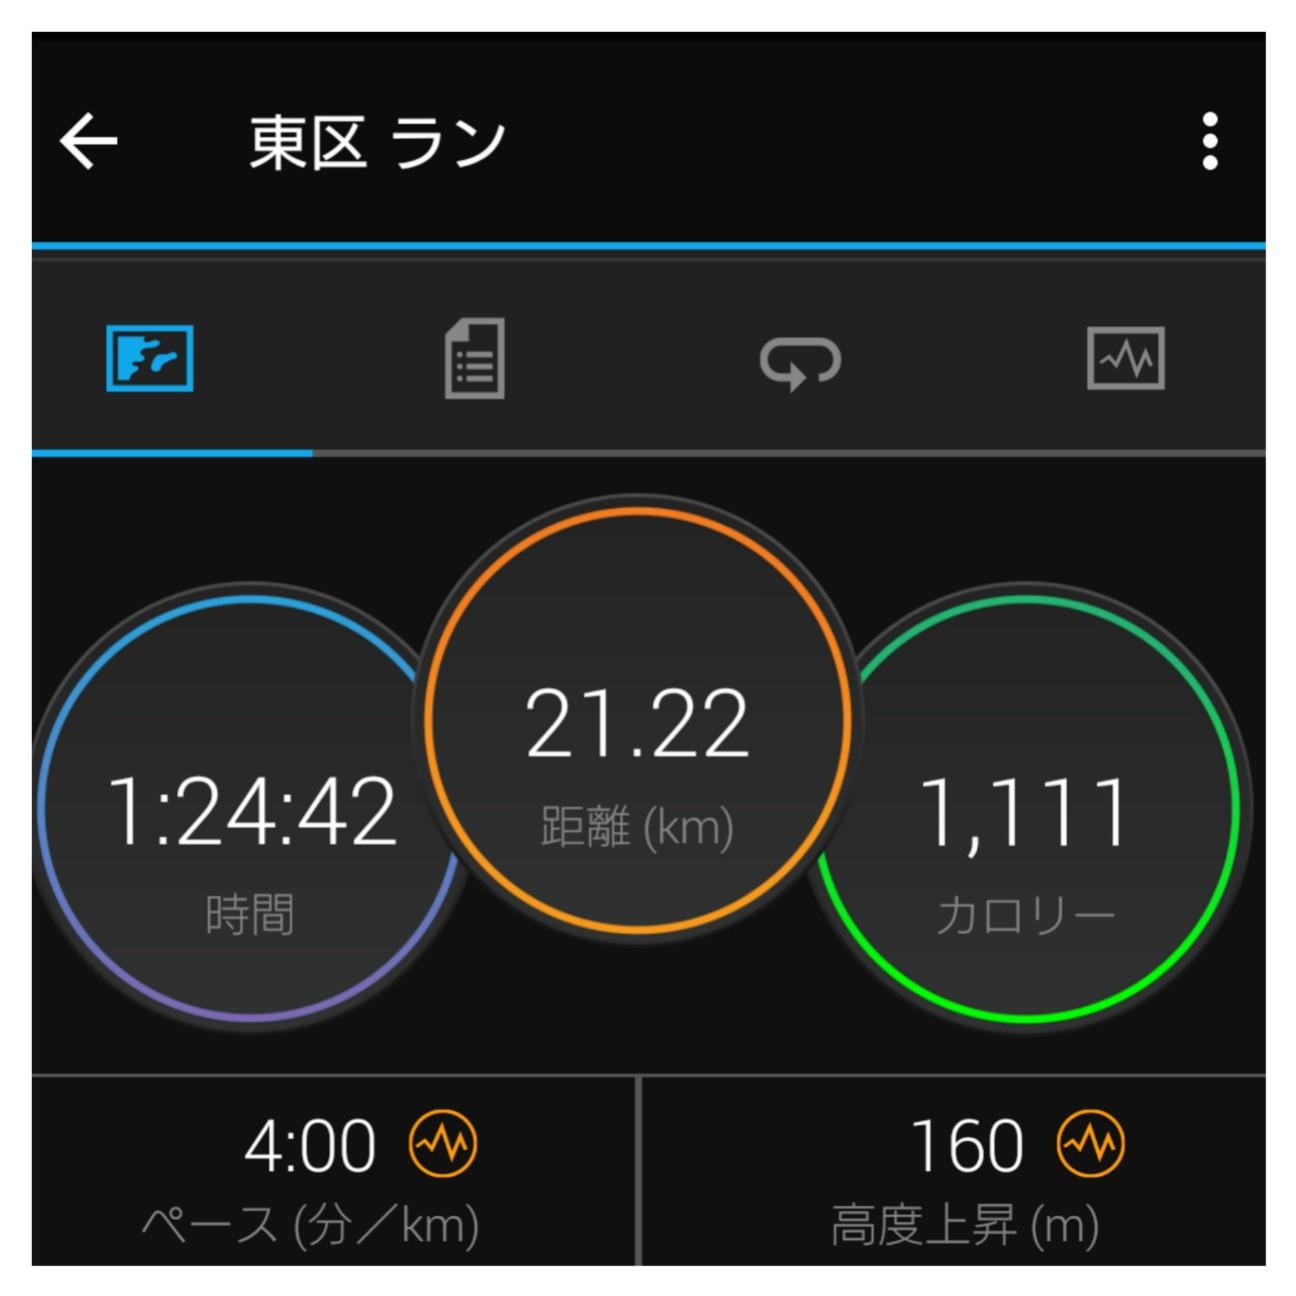 f:id:taku_run:20210314143700j:image